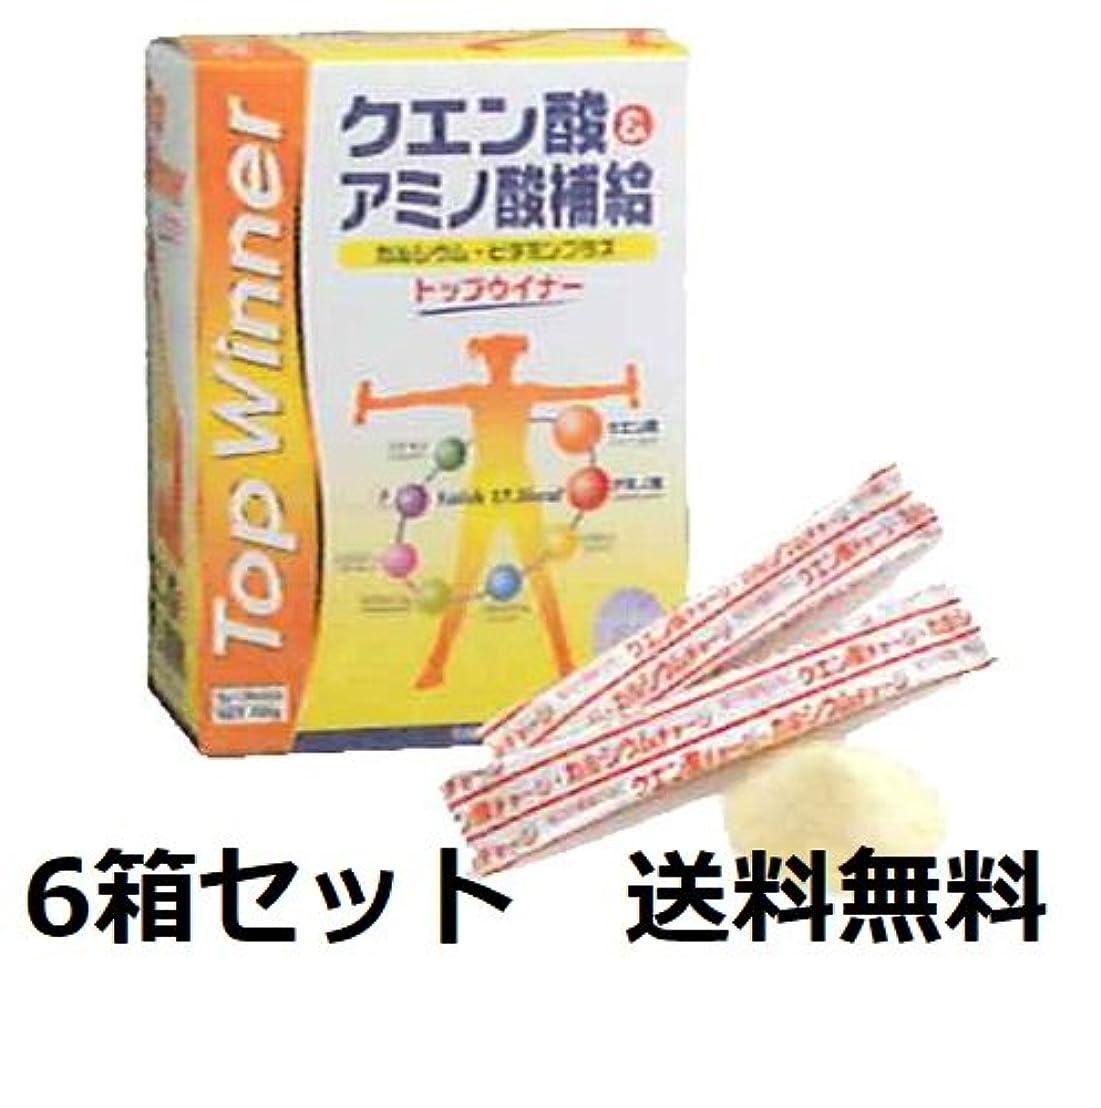 鉛筆同情些細トップウイナー 6箱セット アミノ酸?クエン酸飲料 5g×30本入(150g)×6箱